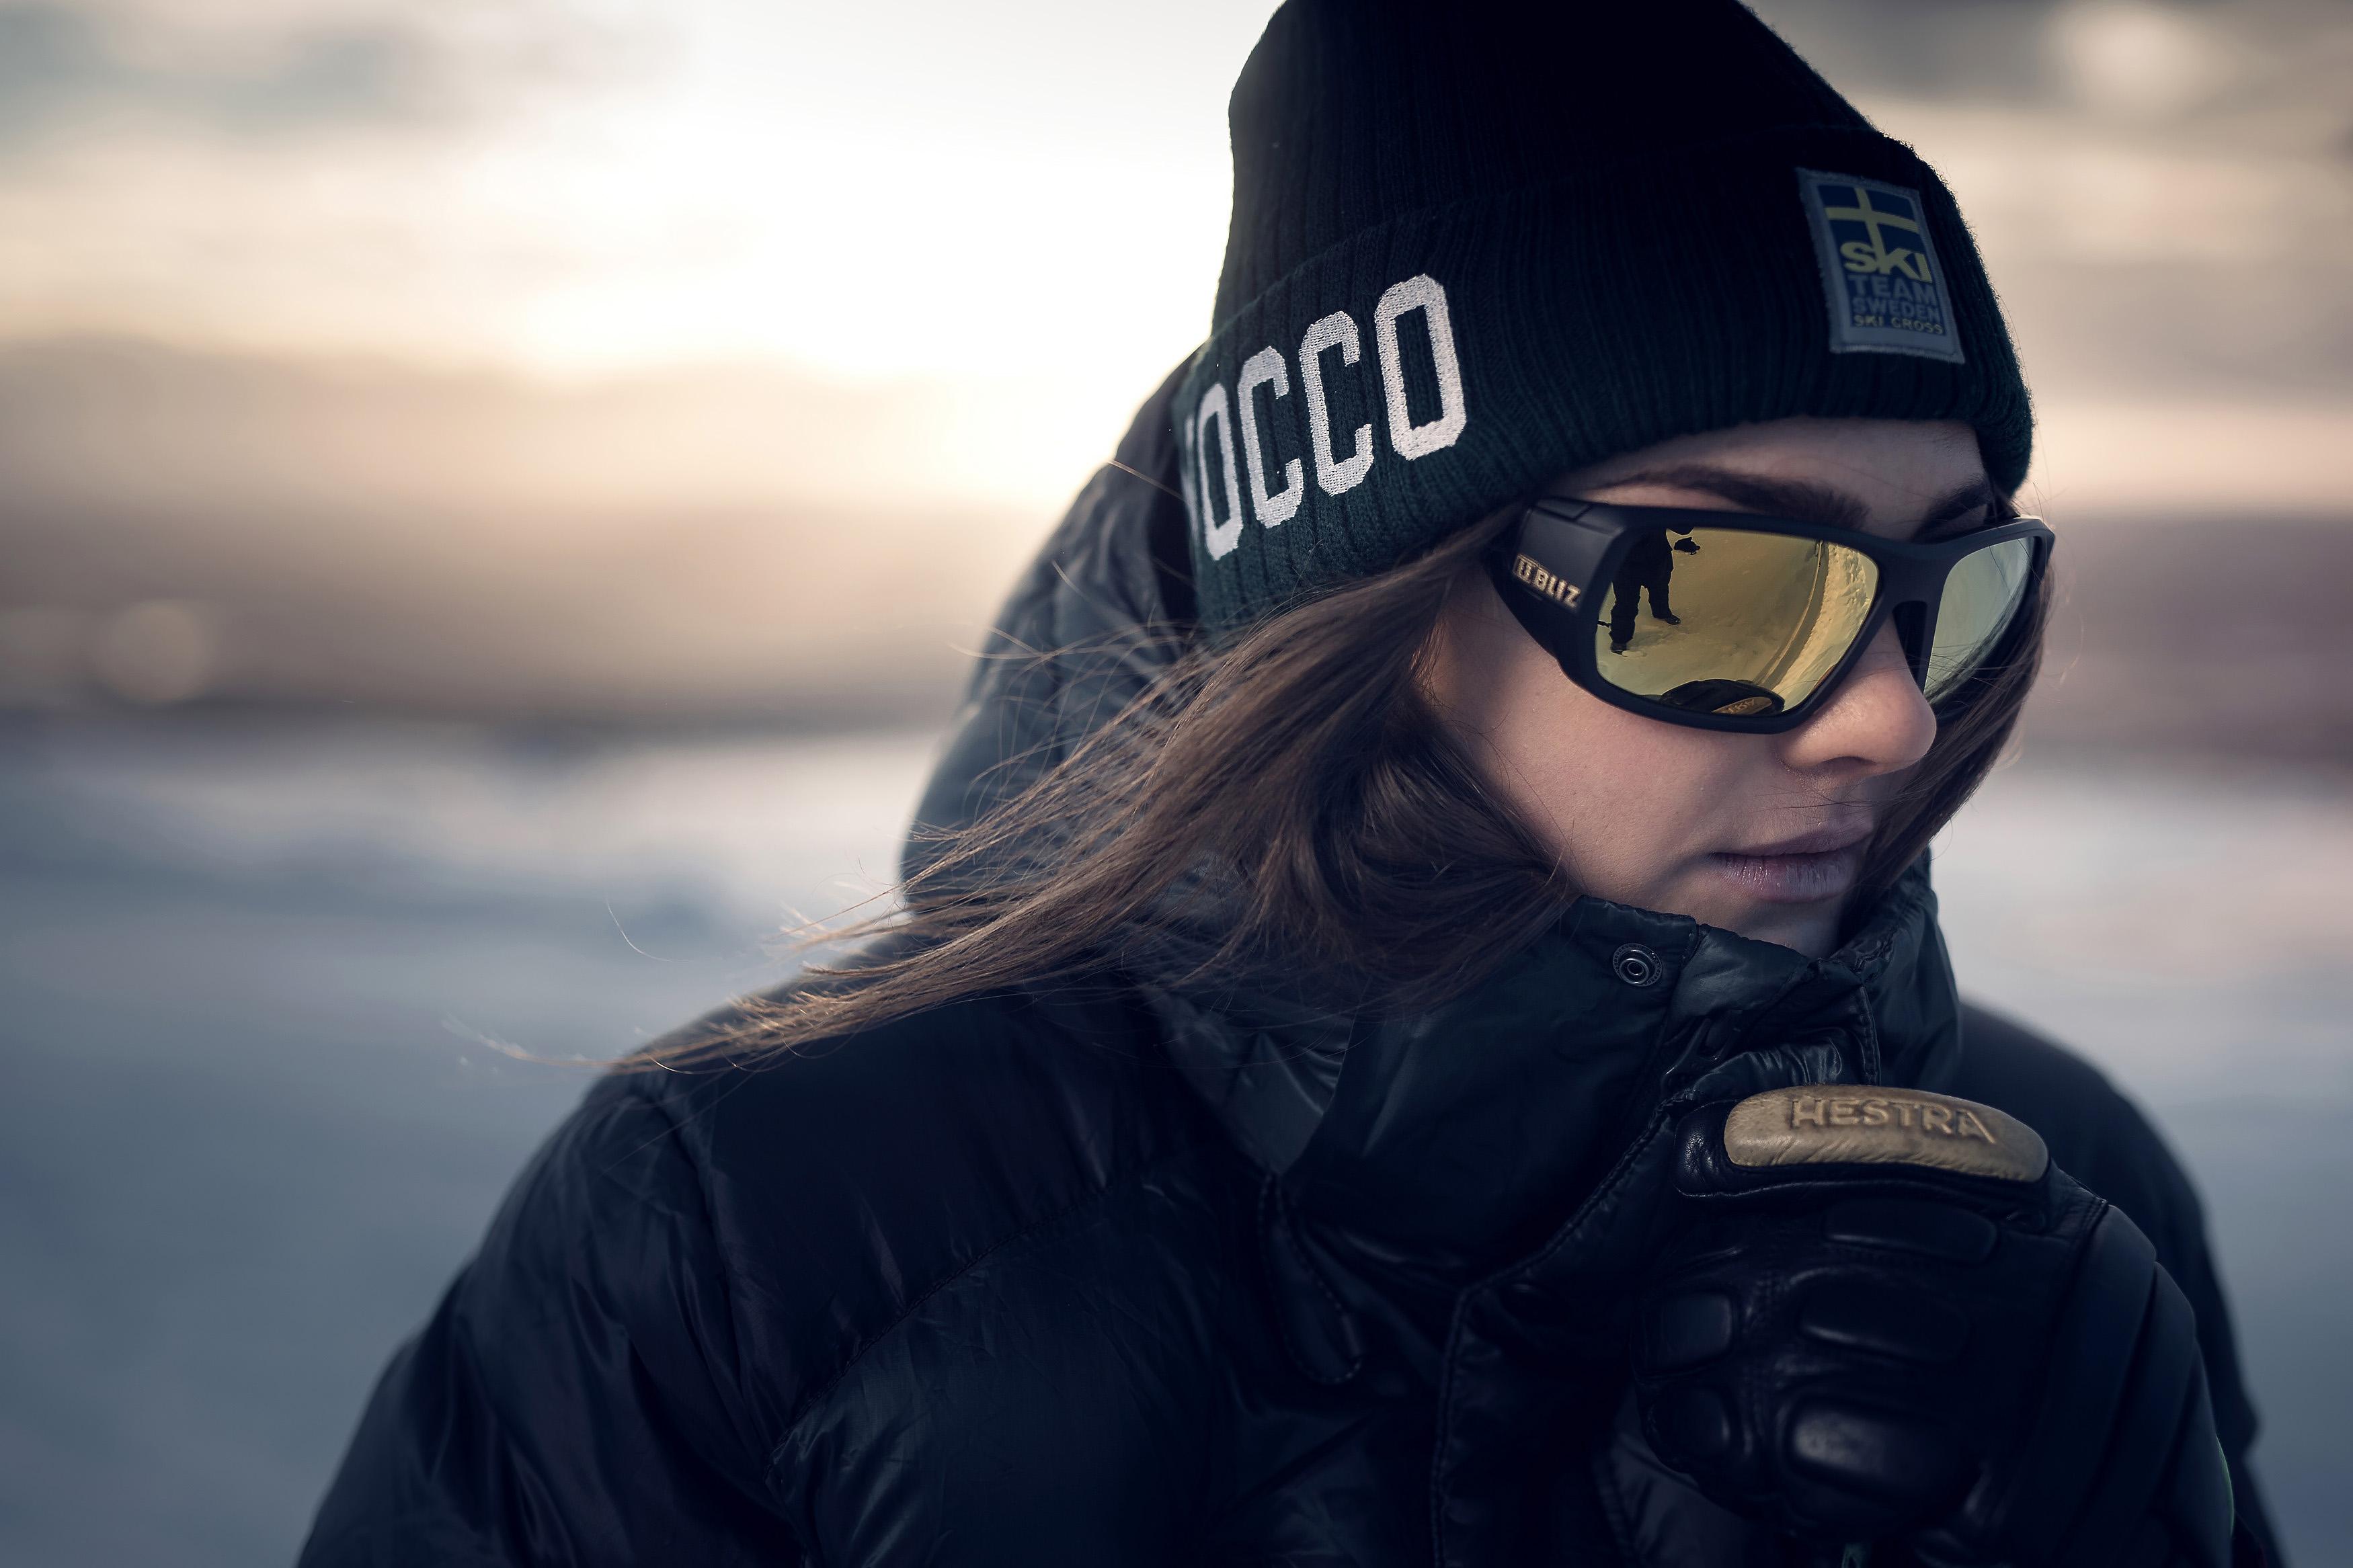 52909-19-peak-bliz-sunglasses-skicross-black-sportsglasses-alexandra-edebo-lifestyle1.jpg